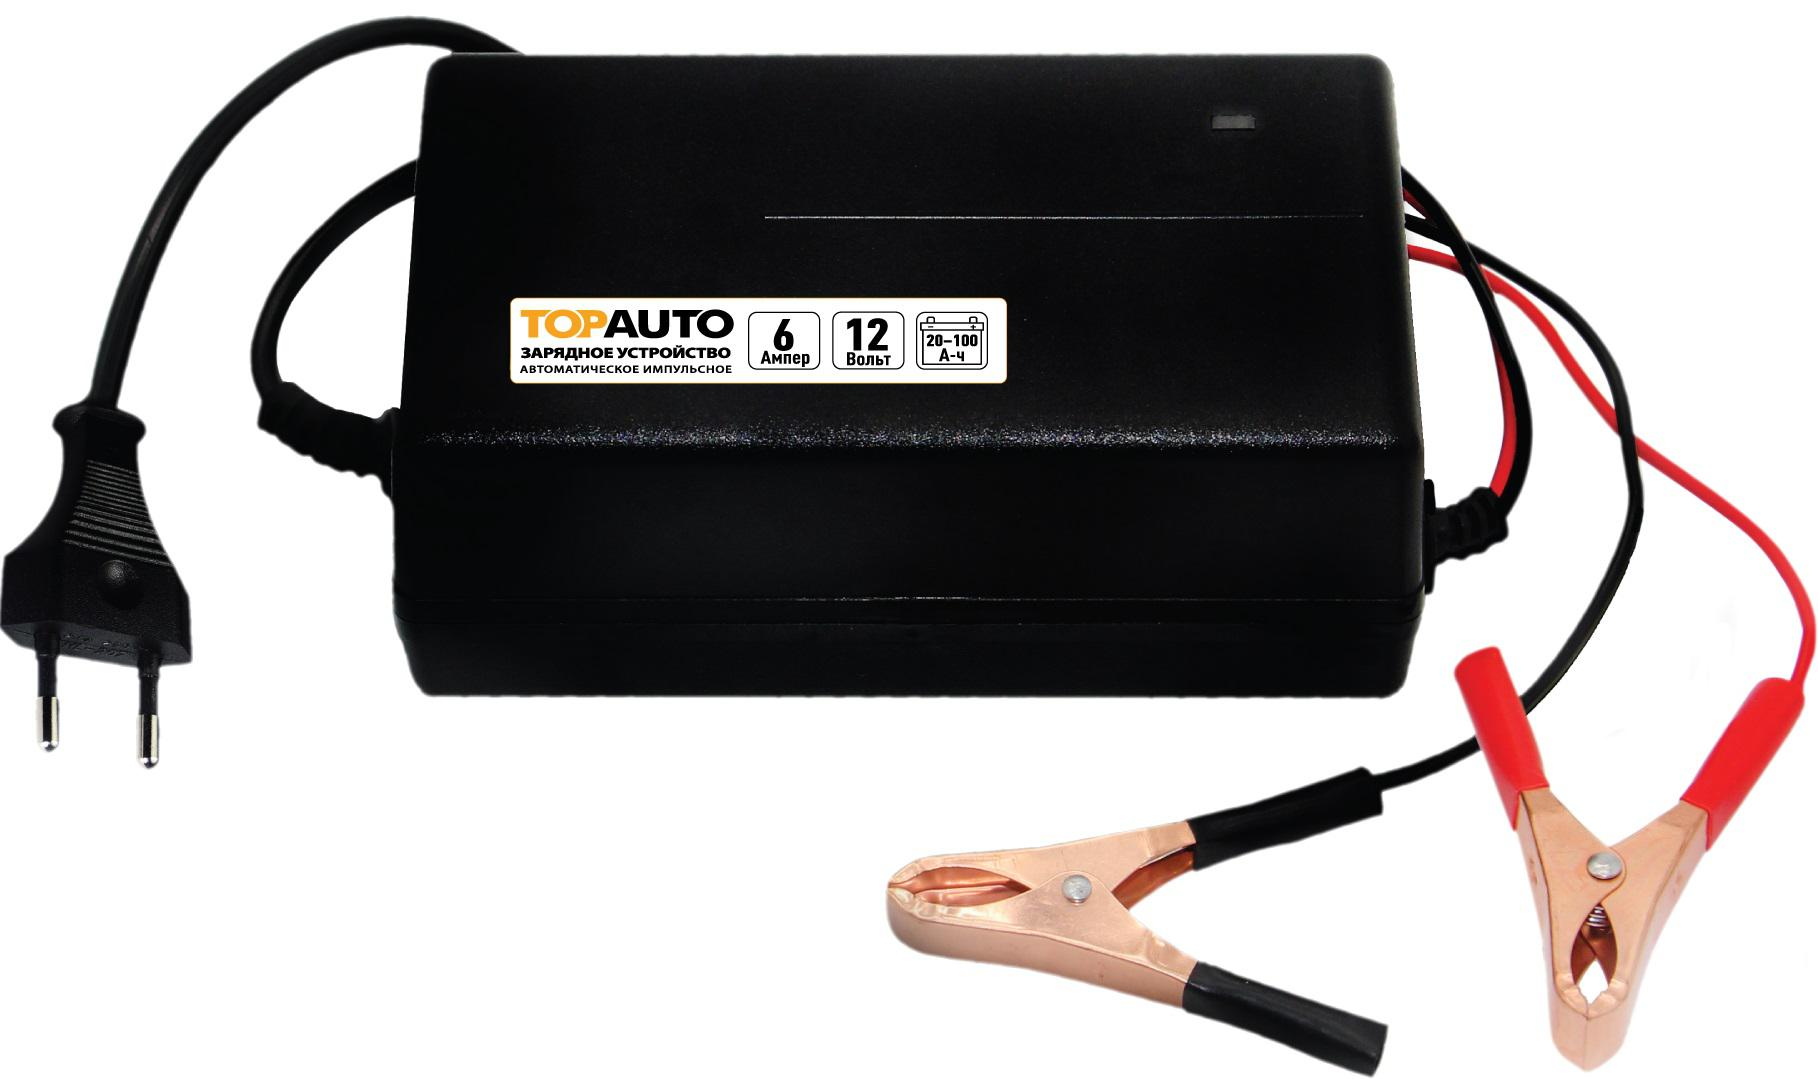 Устройство пуско-зарядное ТОП АВТО АЗУ-6 зарядные устройства для электронных книг